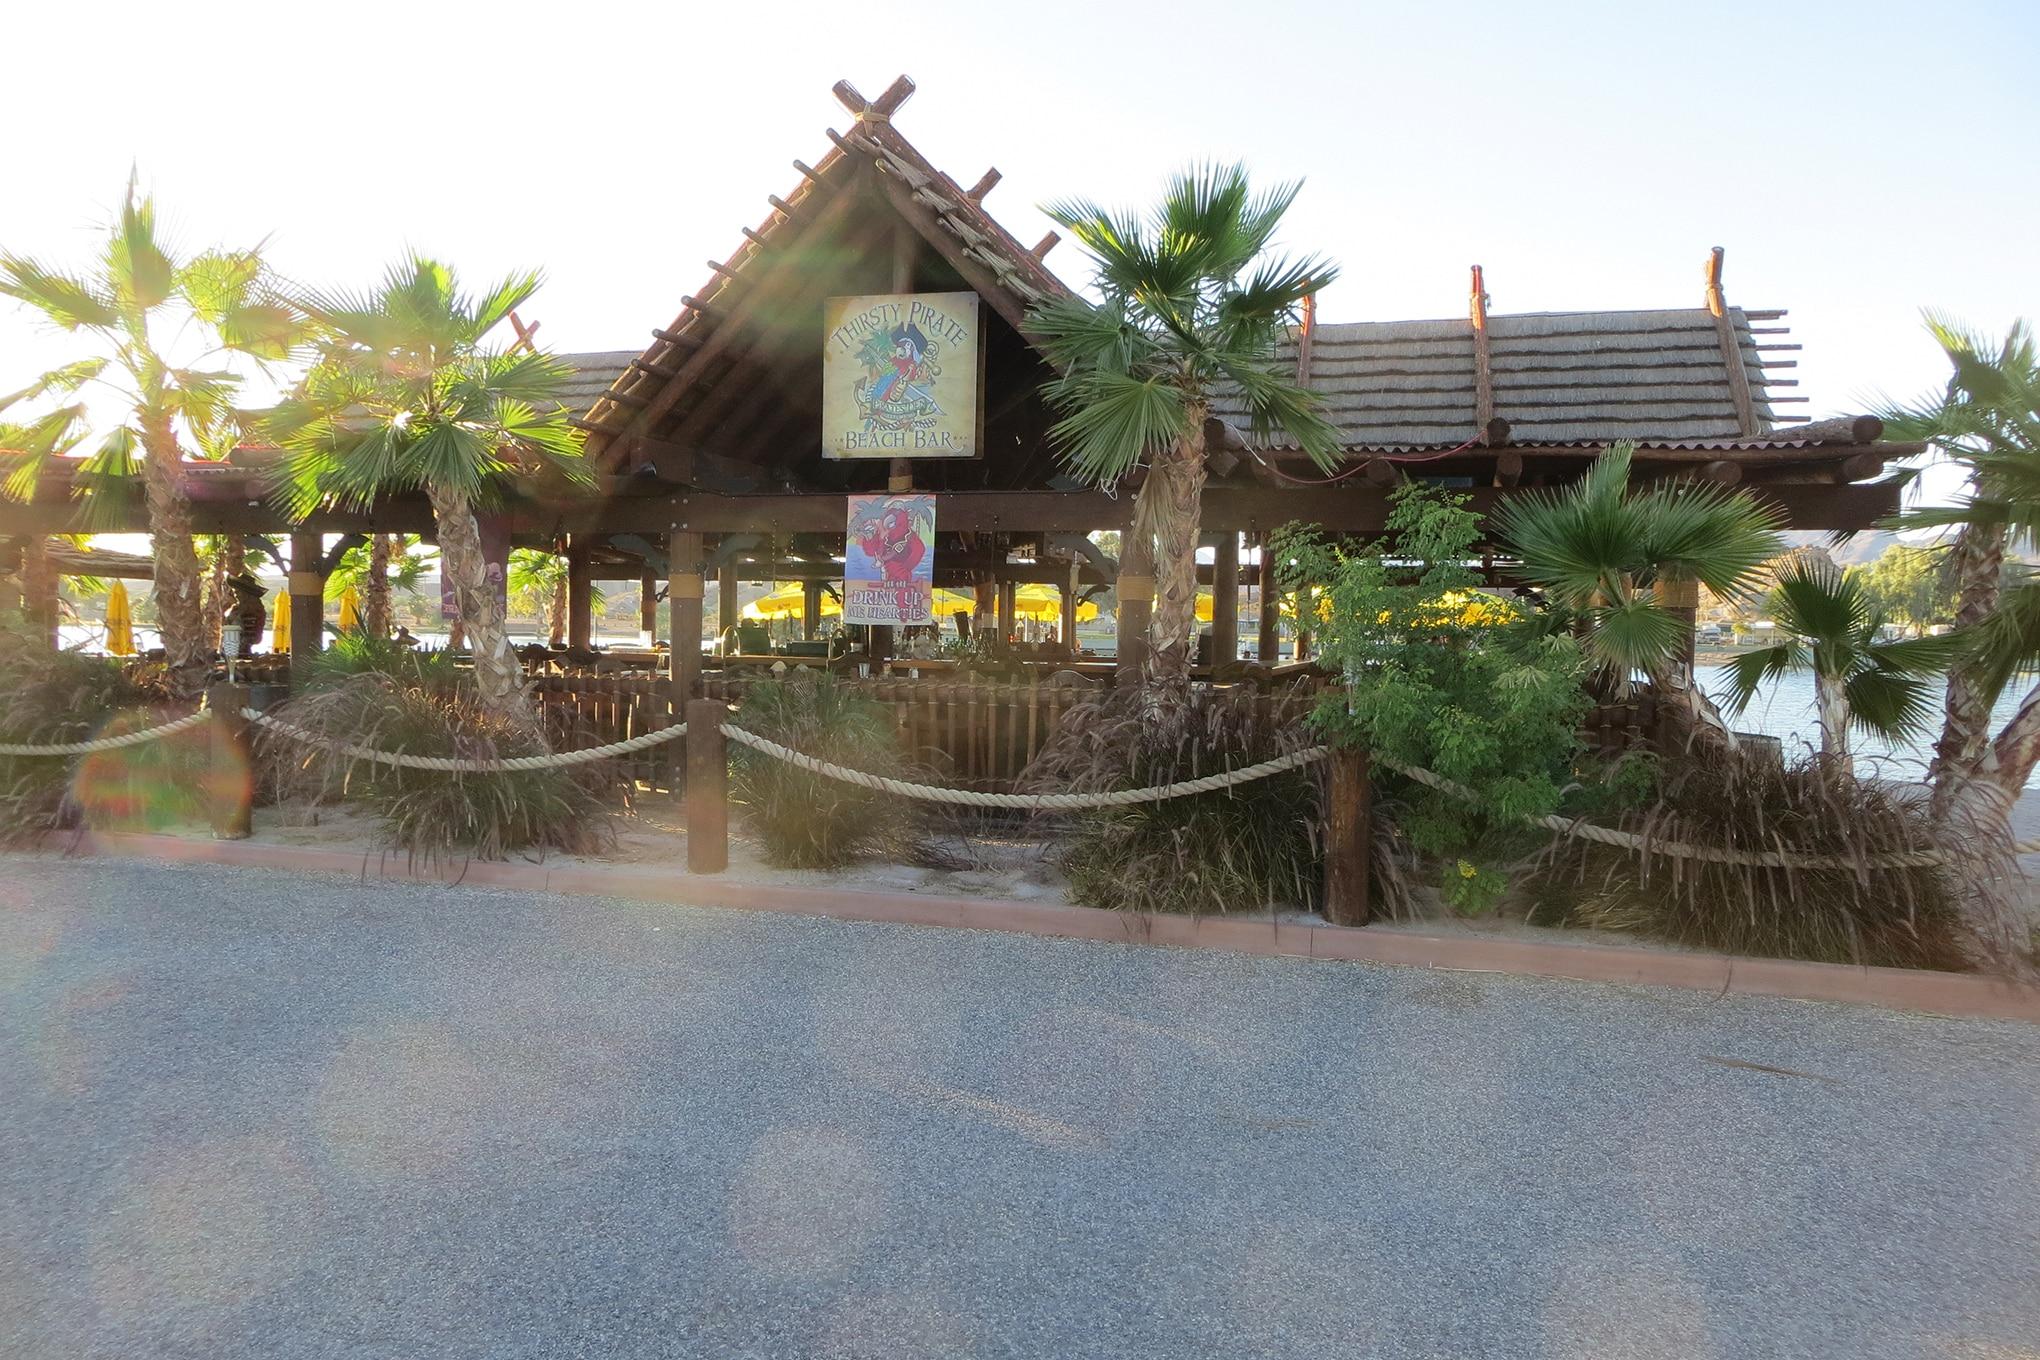 025 2015 desert splash pirates den resort